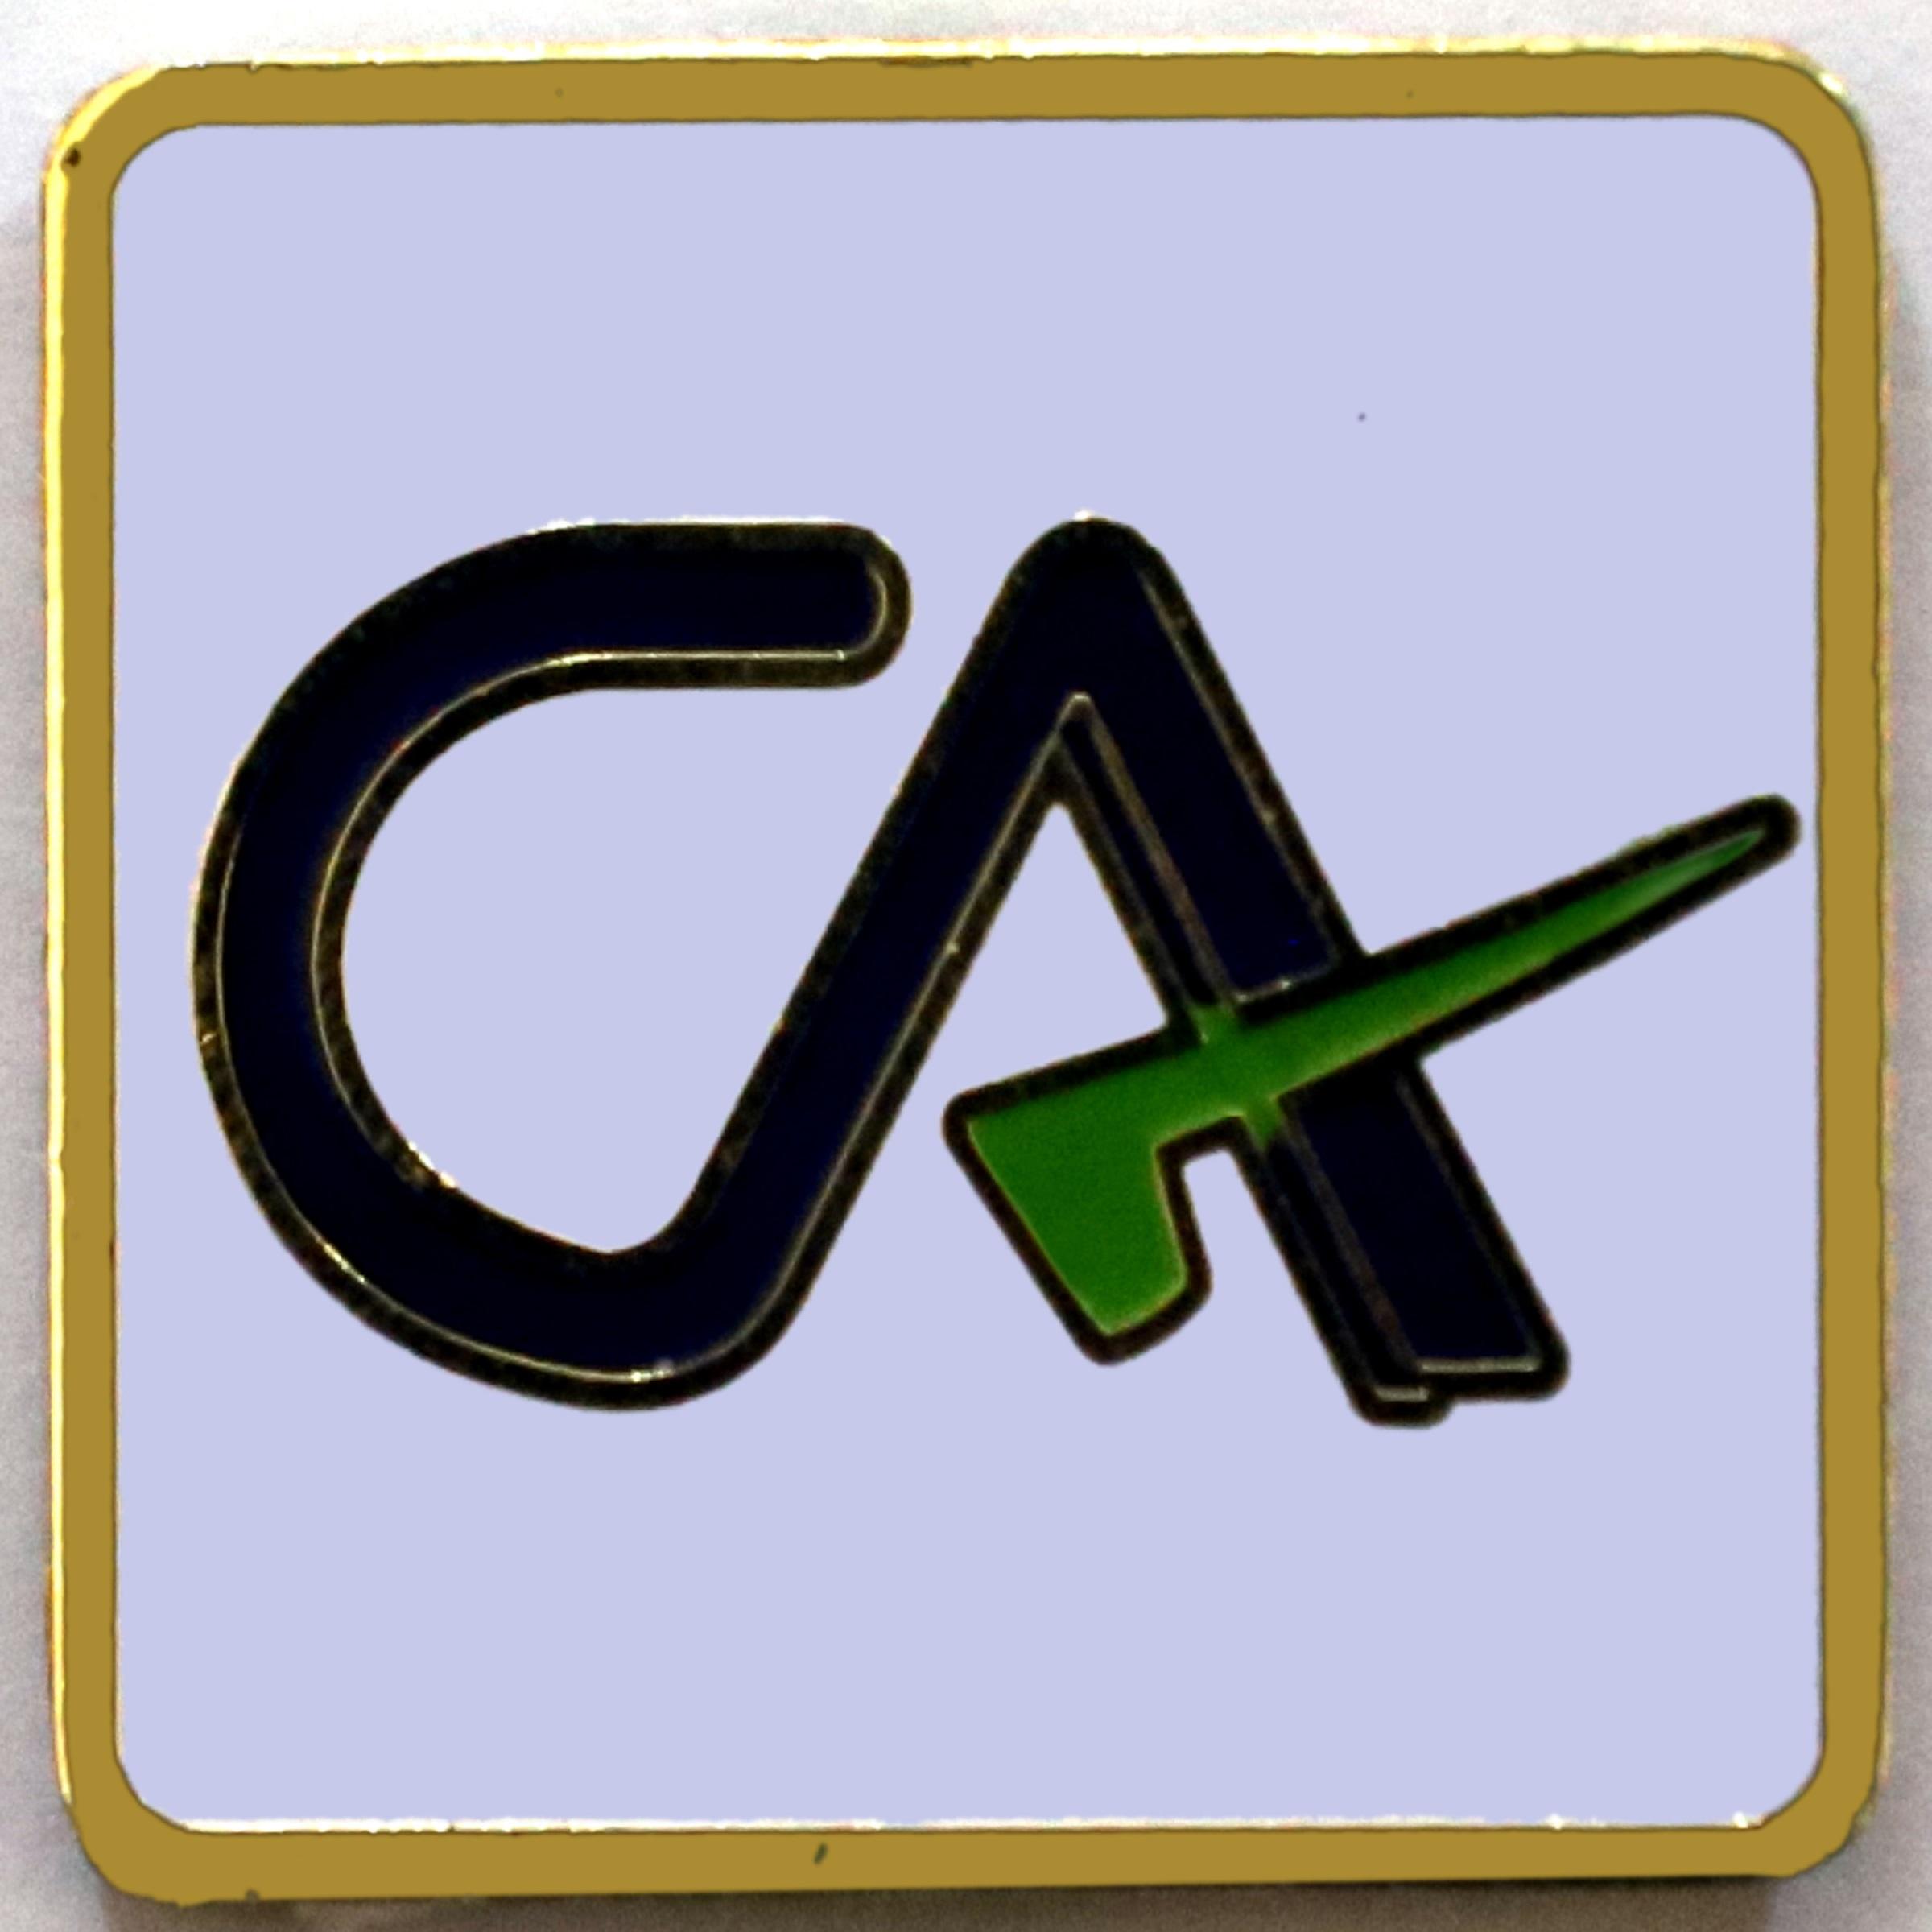 ICAI Exam